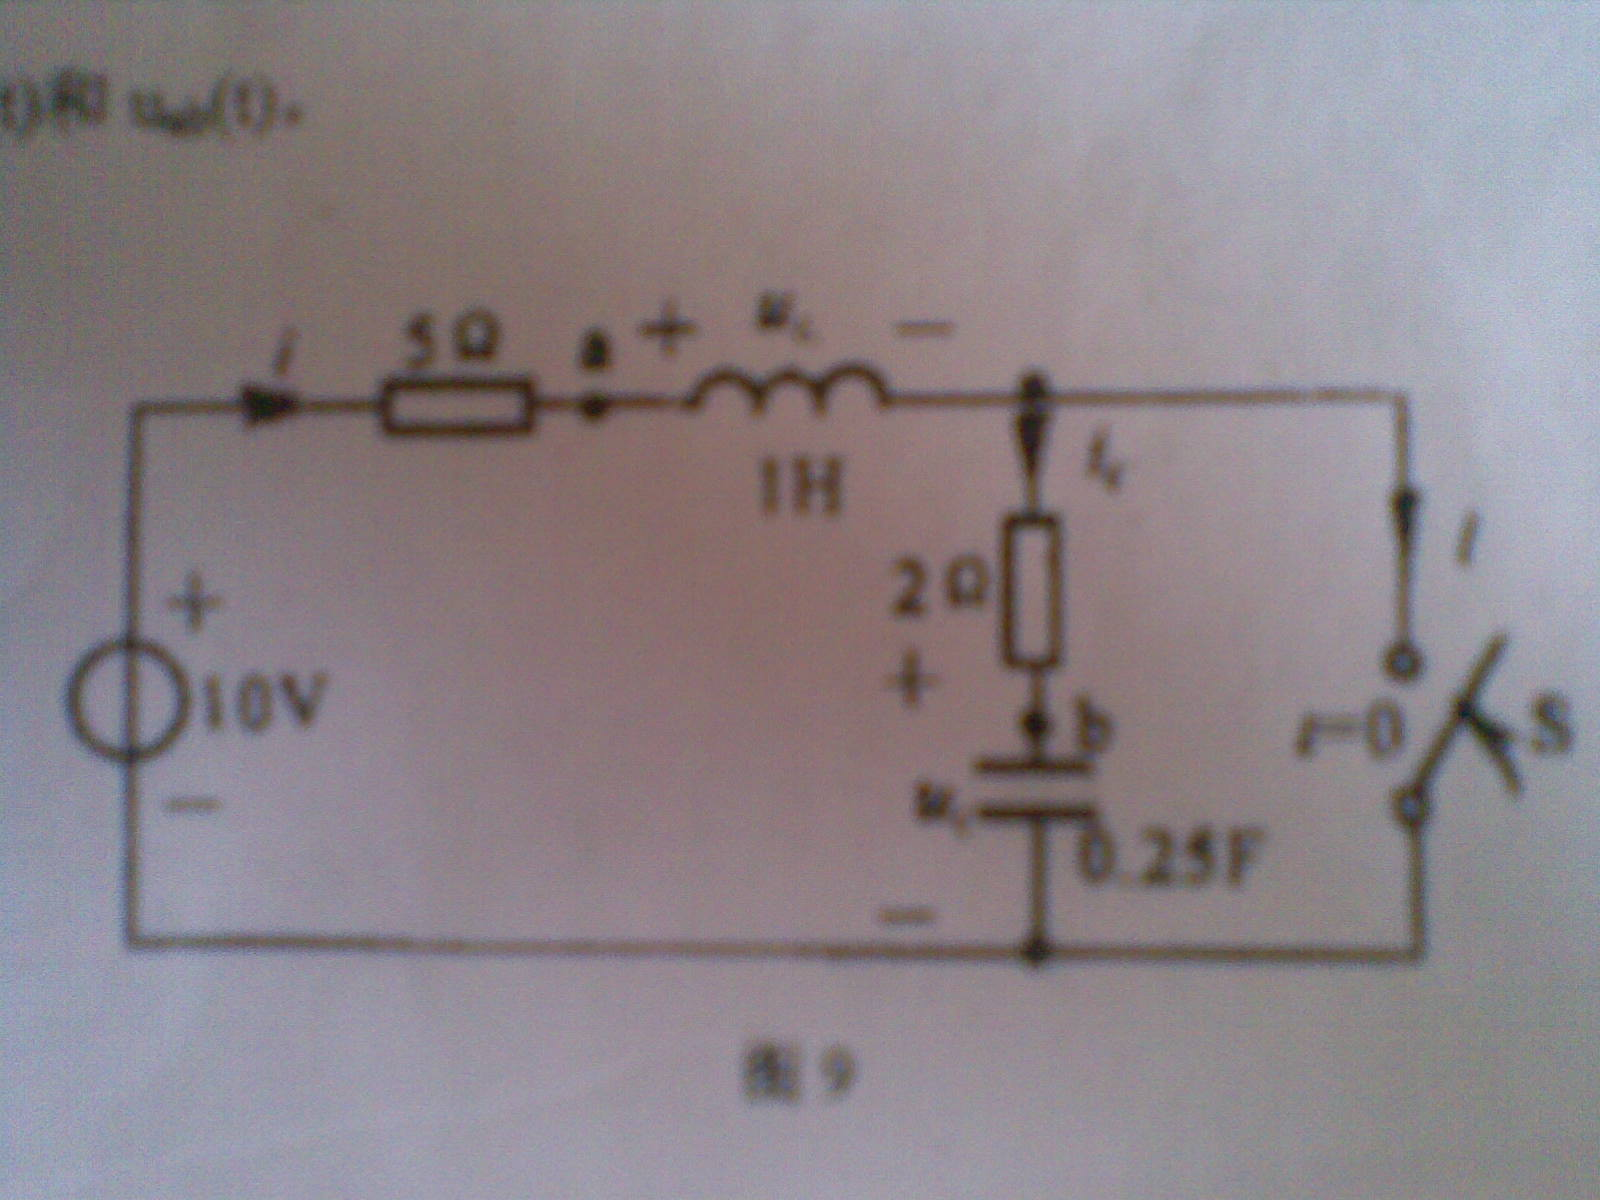 含有电容或电感的外电路的等效电阻如何计算